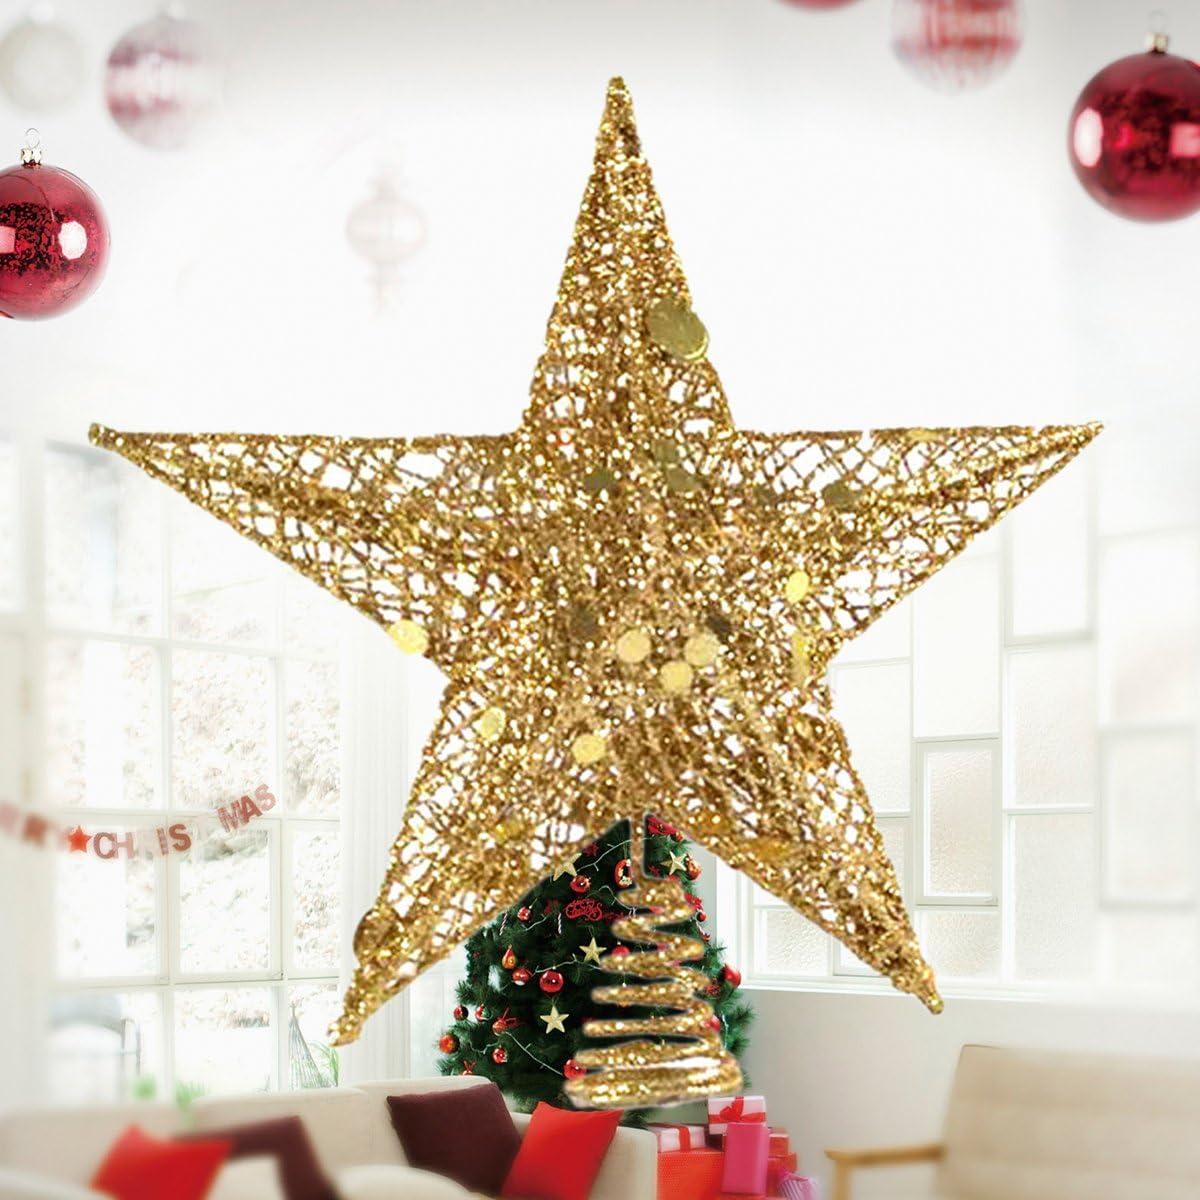 Yolispa Weihnachtsbaum Topper Stern Baum Dekoration Baumkrone Weihnachten Wohnkultur